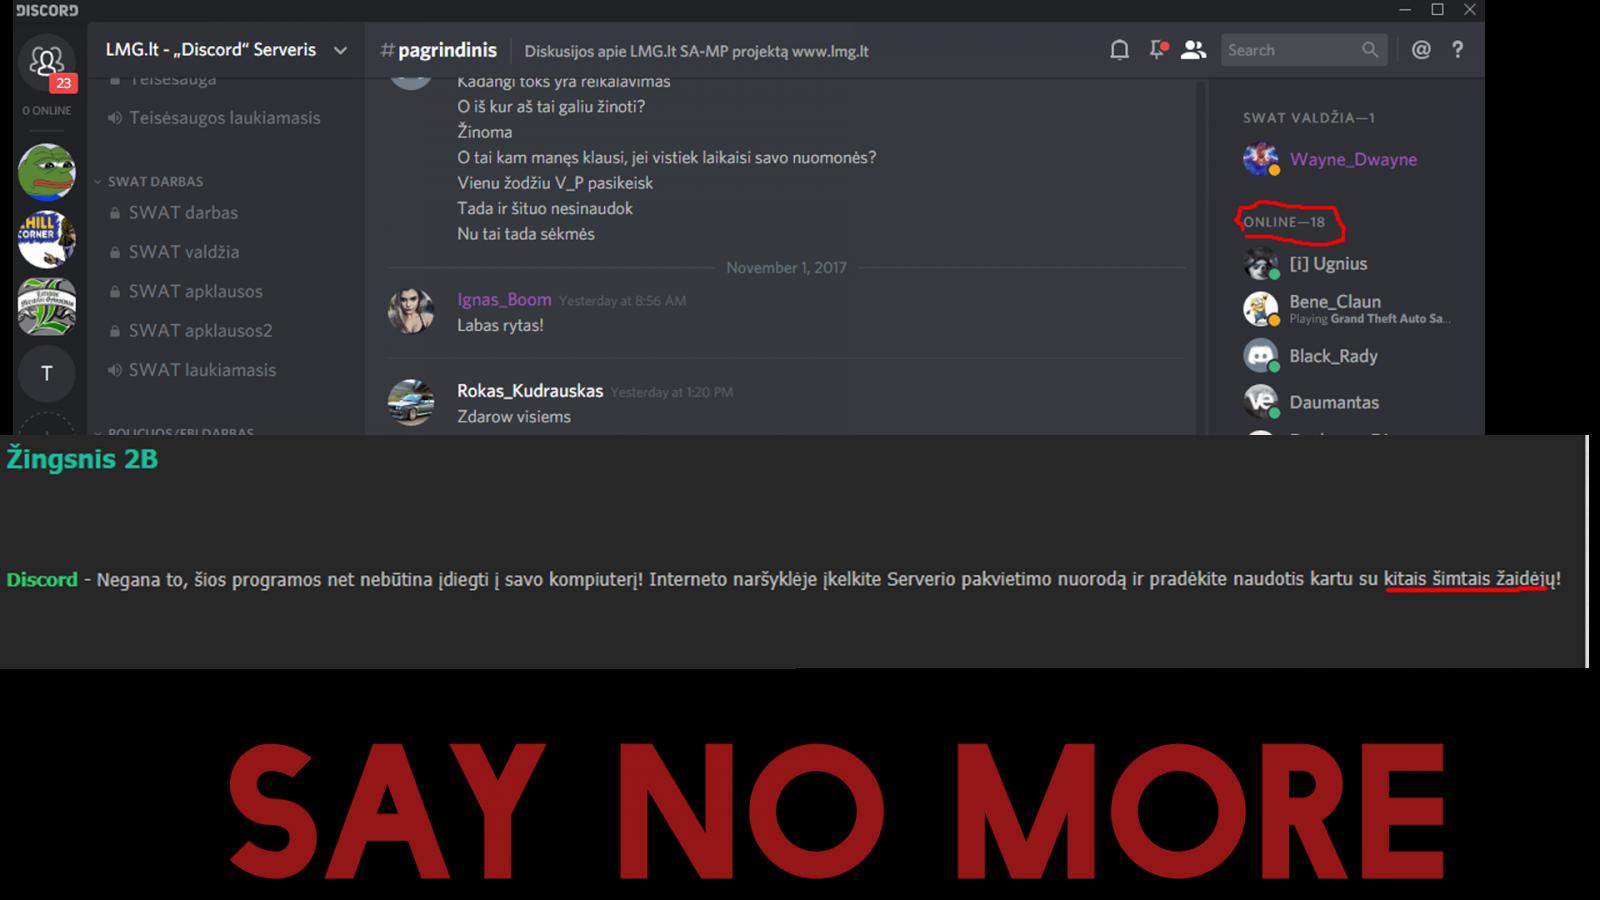 Say no more.